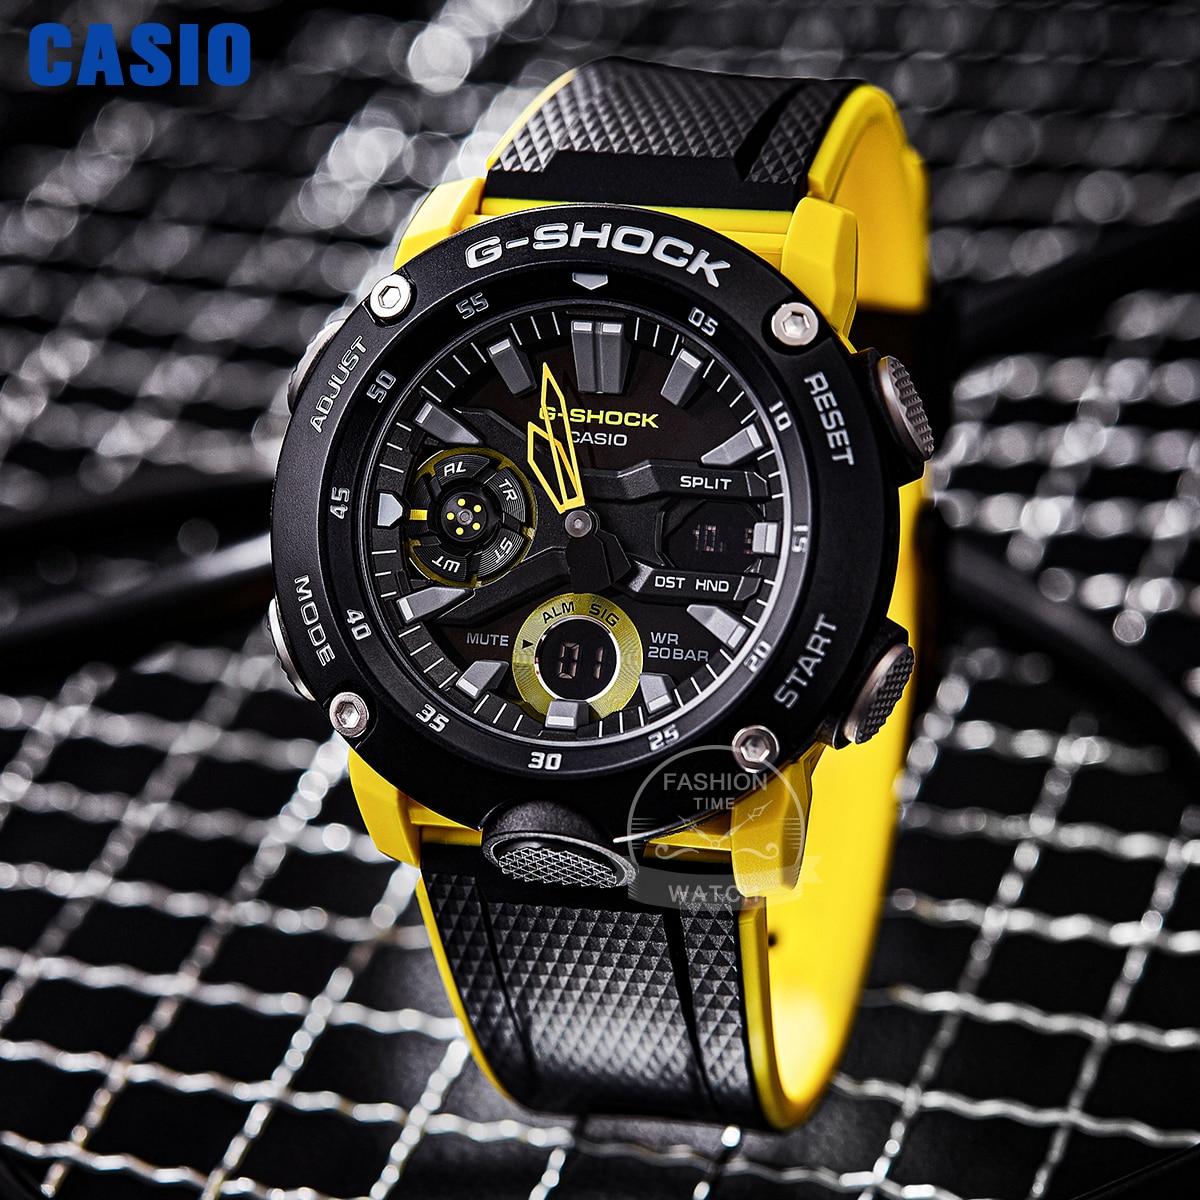 ساعة كاسيو للرجال G-SHOCK ماركة فاخرة مجموعة صغيرة قابلة للتبديل حزام من ألياف الكربون حماية الرياضة relogi ساعة GA20001A9